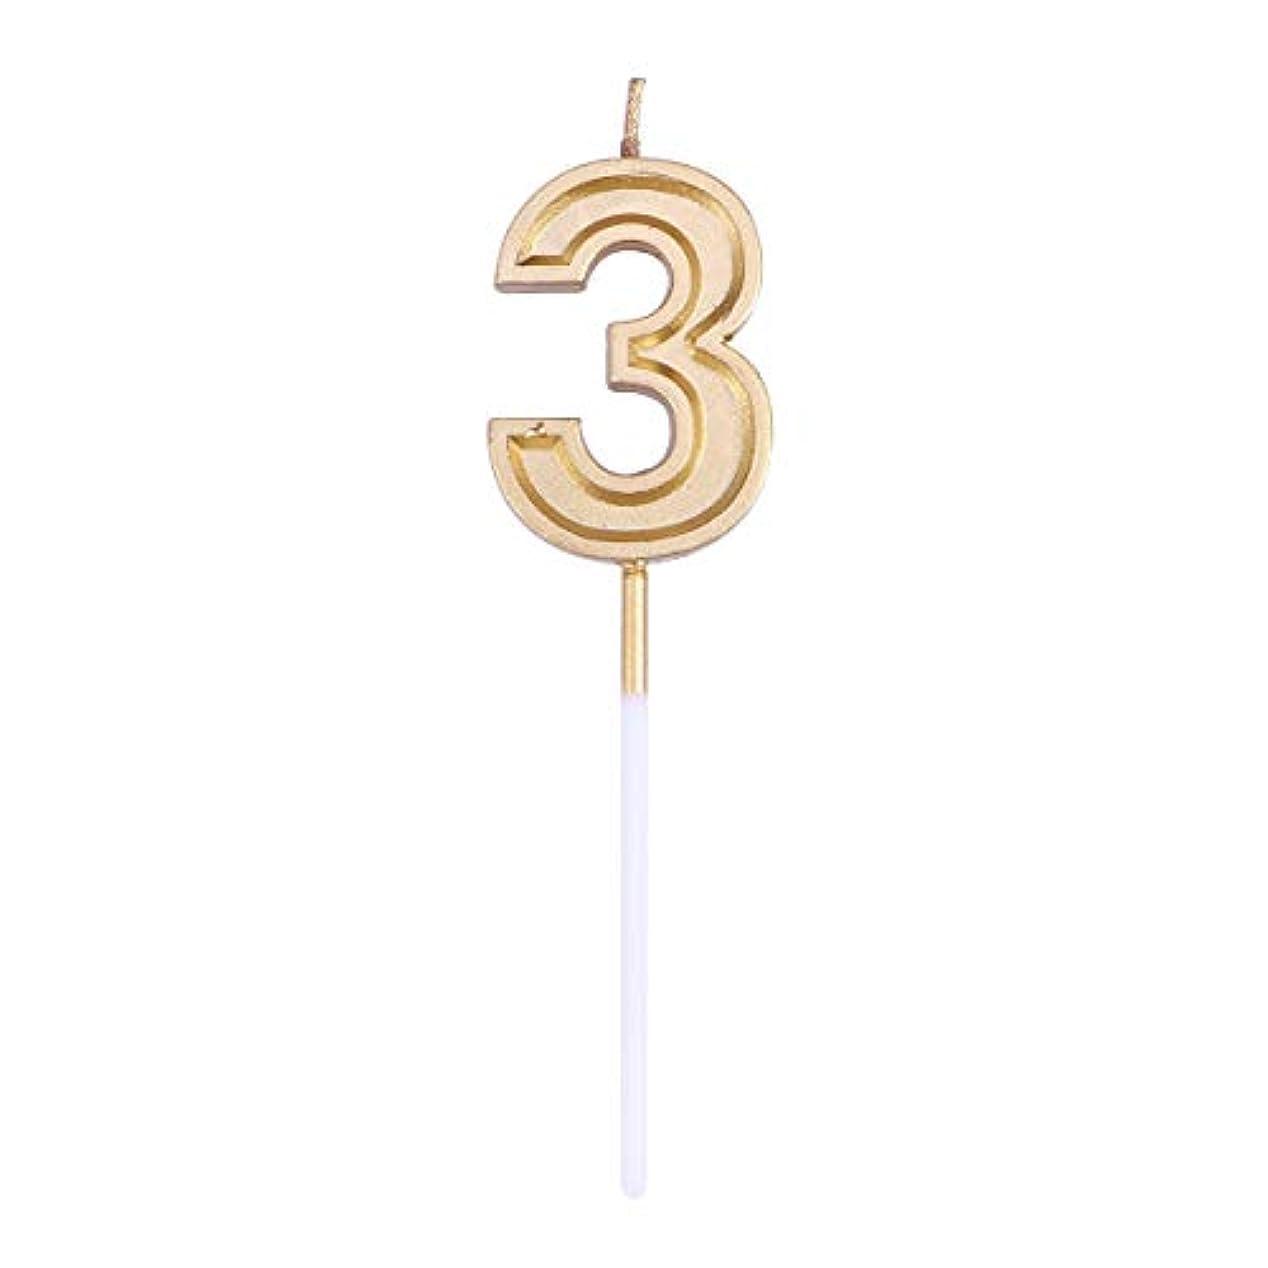 繰り返した漂流学生Toyvian ゴールドラメ誕生日おめでとう数字キャンドル番号キャンドルケーキトッパー装飾用大人キッズパーティー(番号3)